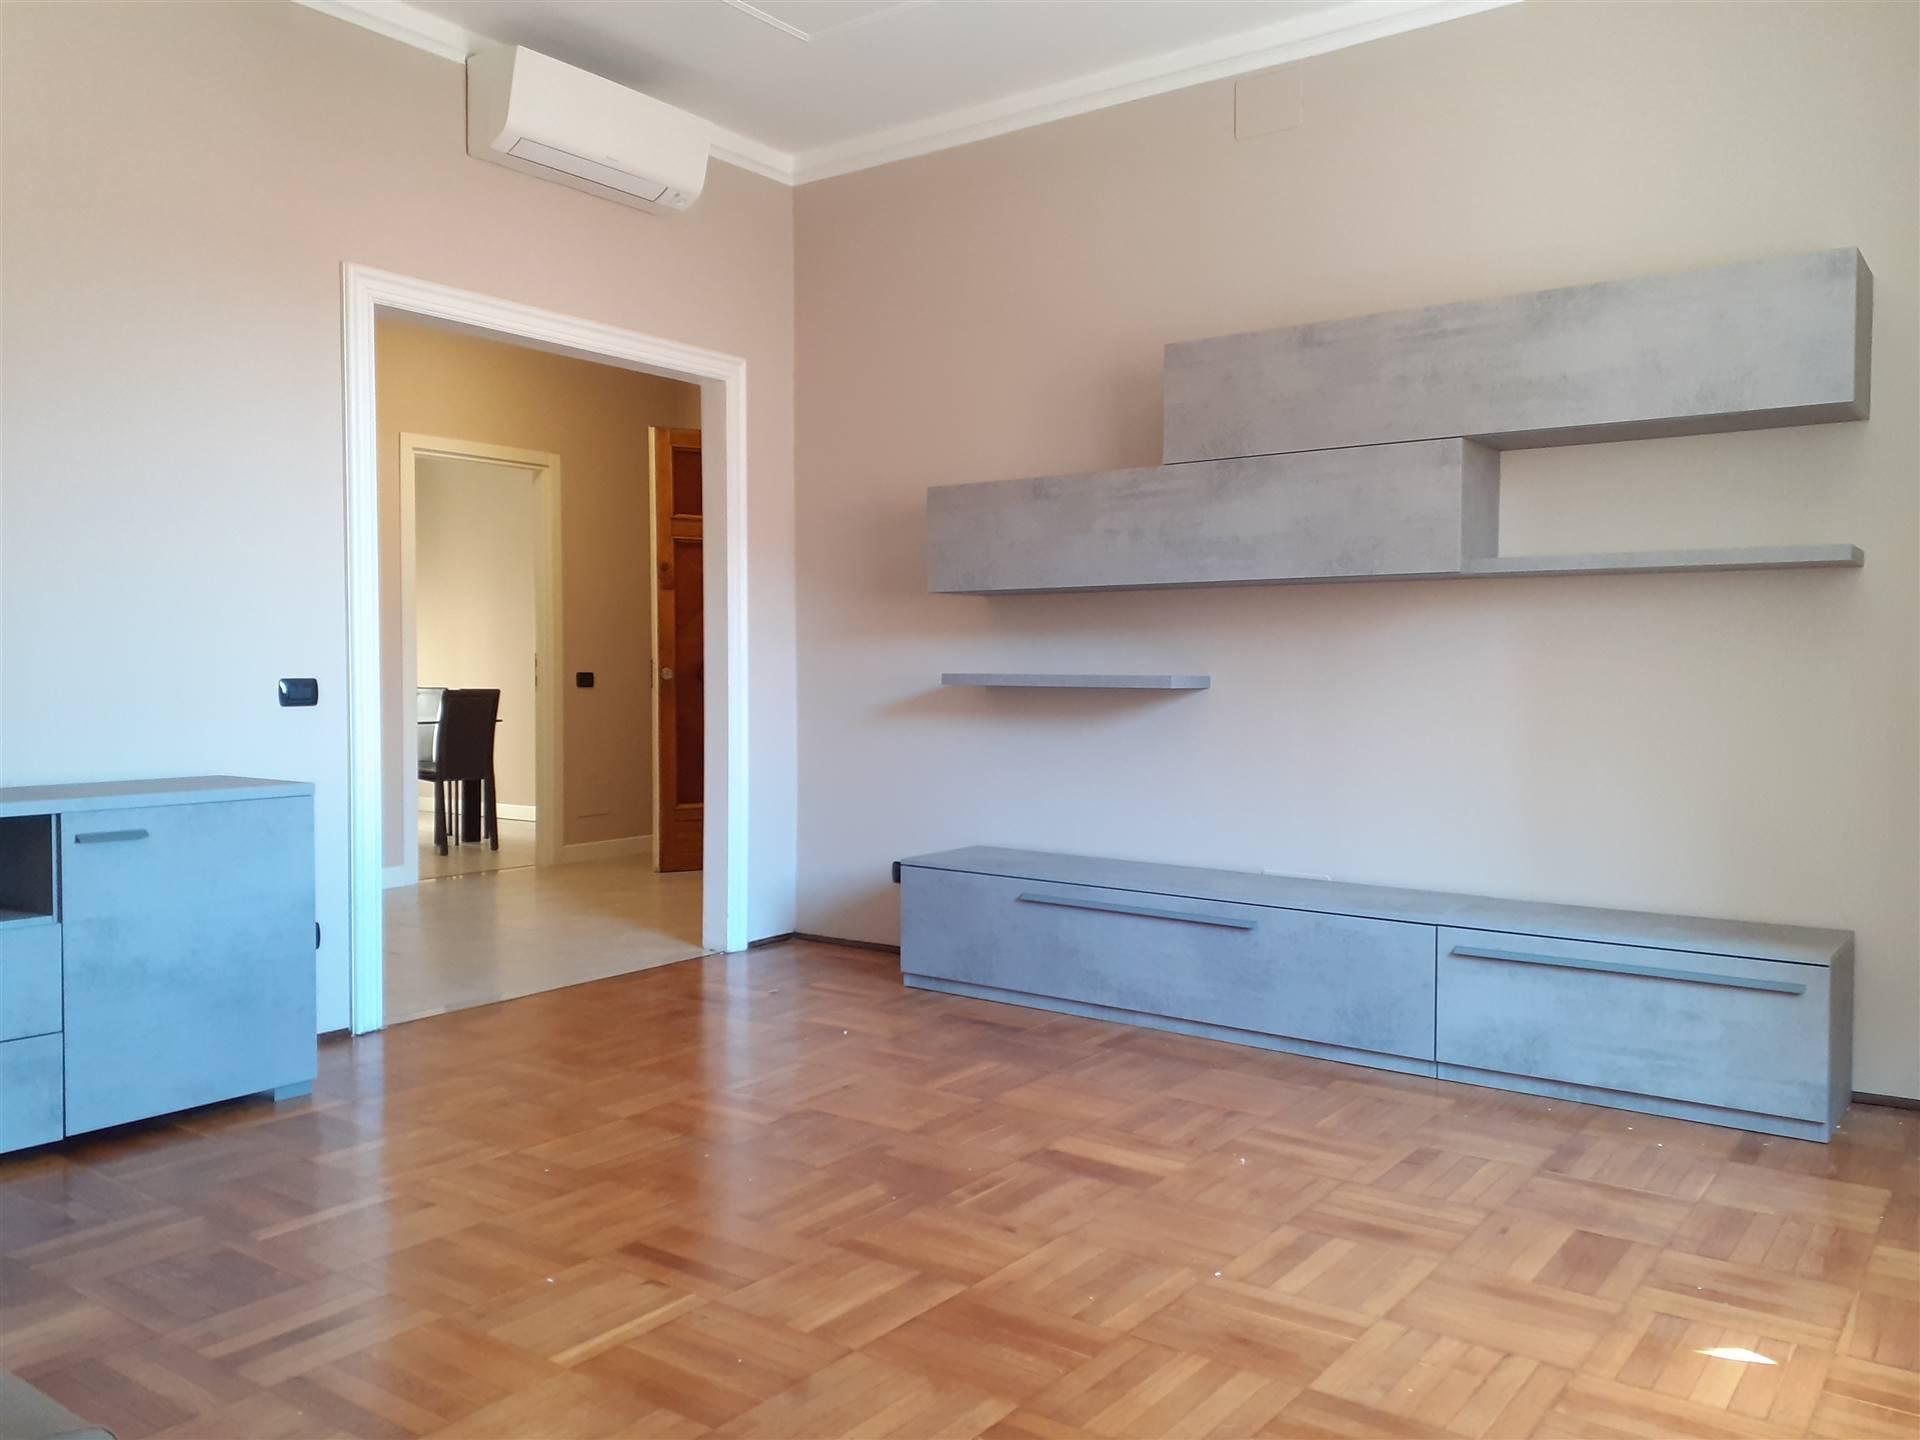 Appartamento in affitto a Mantova, 5 locali, zona Zona: Centro storico, Trattative riservate | CambioCasa.it